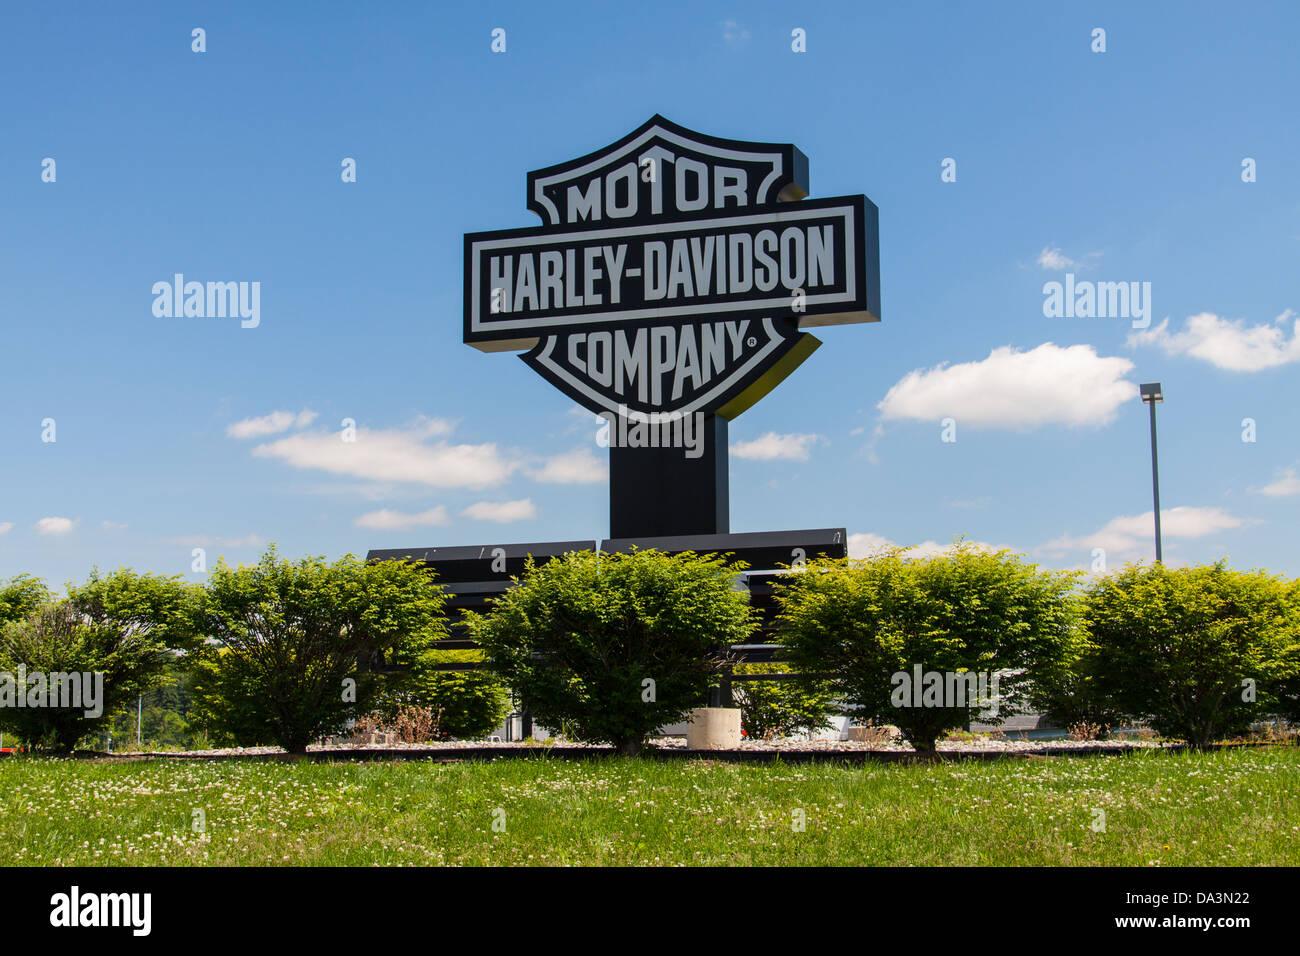 The Harley-Davidspm Motor Company factory at York, PA. - Stock Image